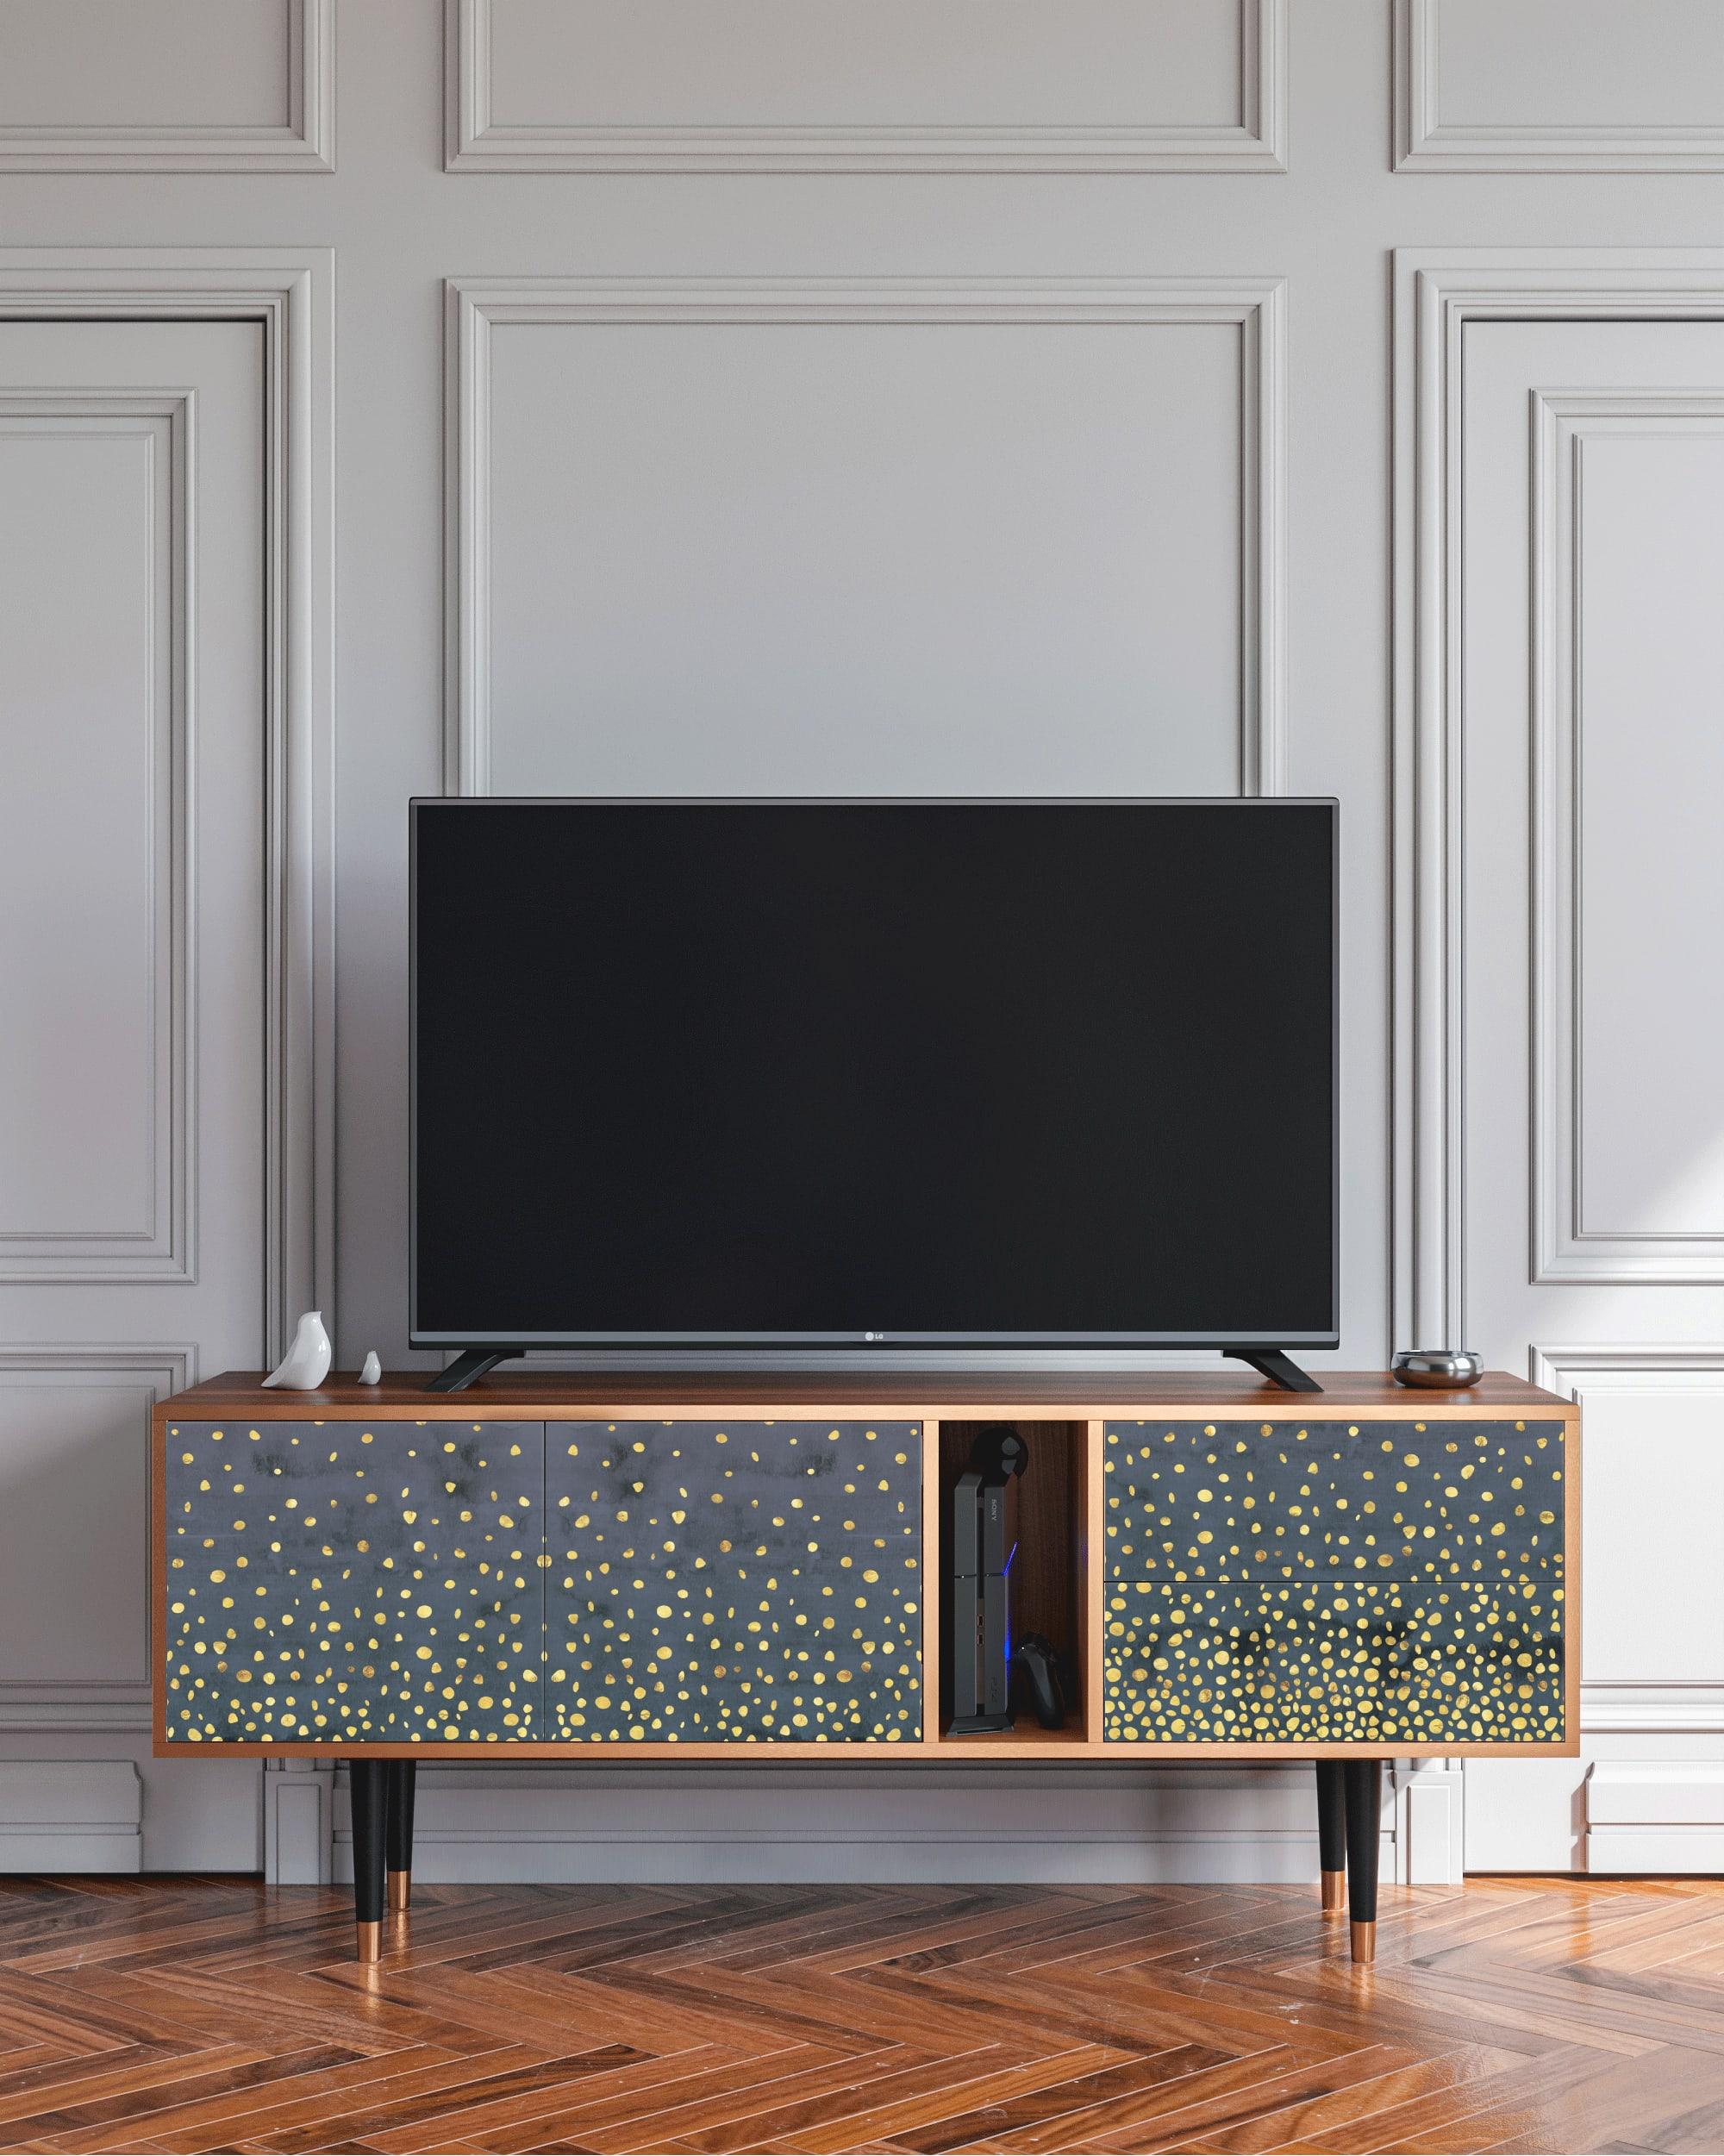 Meuble TV bleu et jaune 170cm 2 tiroirs et 2 portes